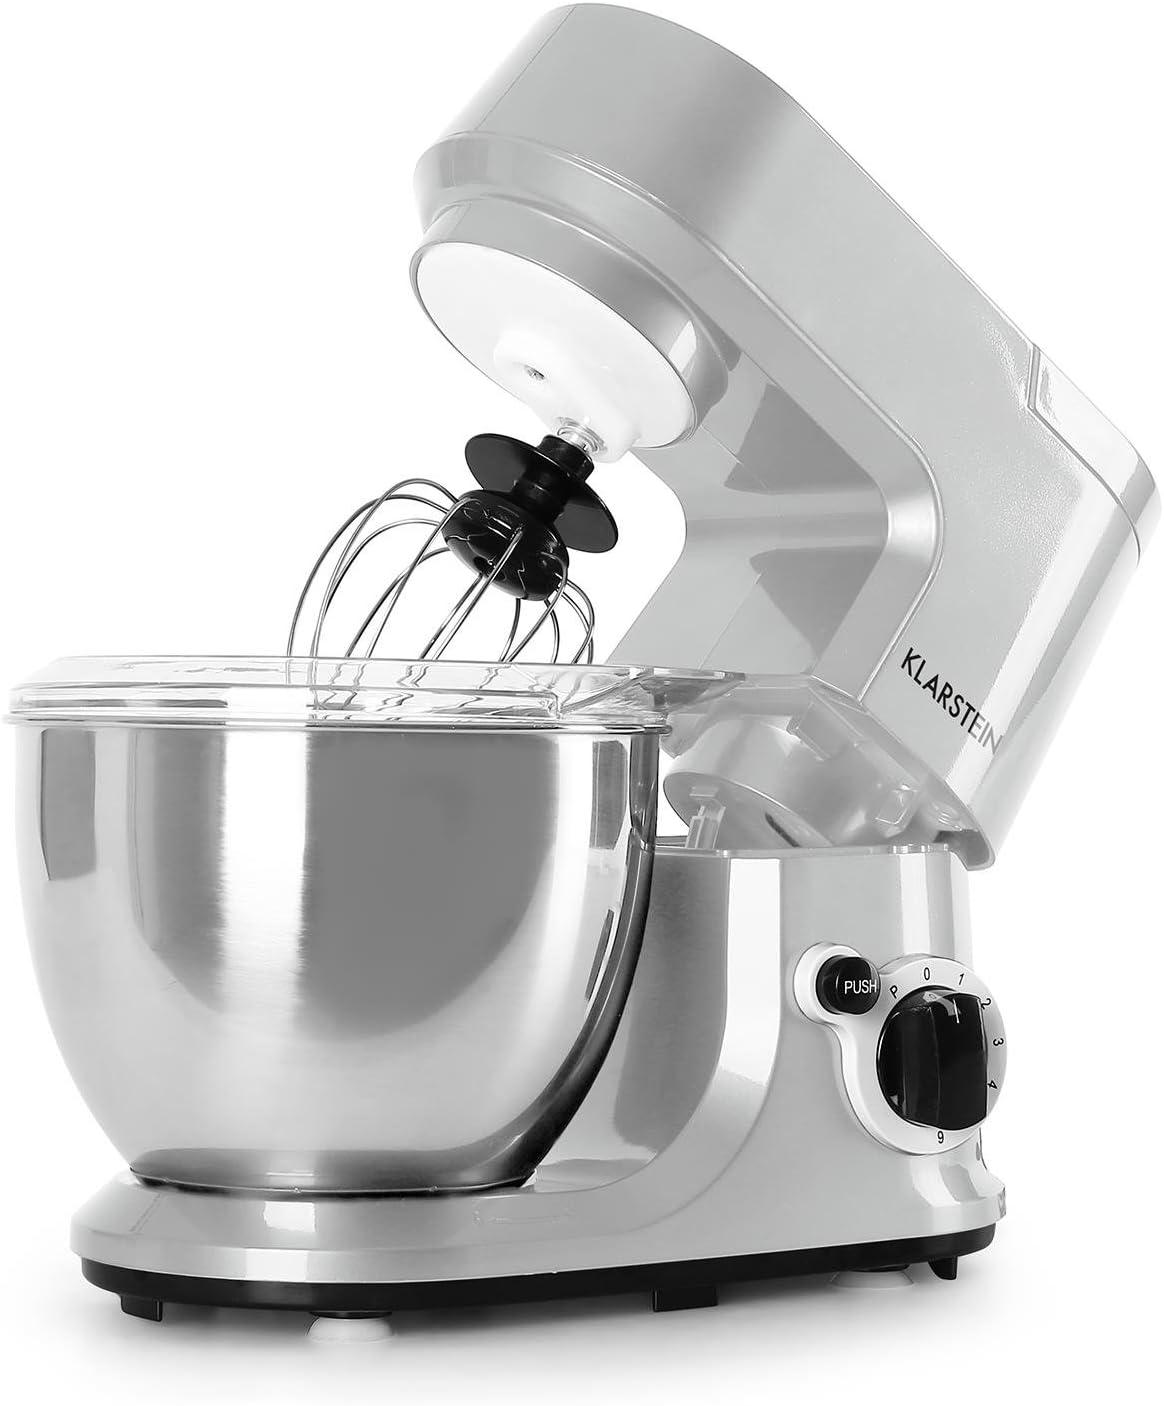 Klarstein Carina Argentea robot de cocina (recipiente de acero inoxidable de 4 litros, 3 accesorios para batir y amasar) - plateado: Amazon.es: Hogar